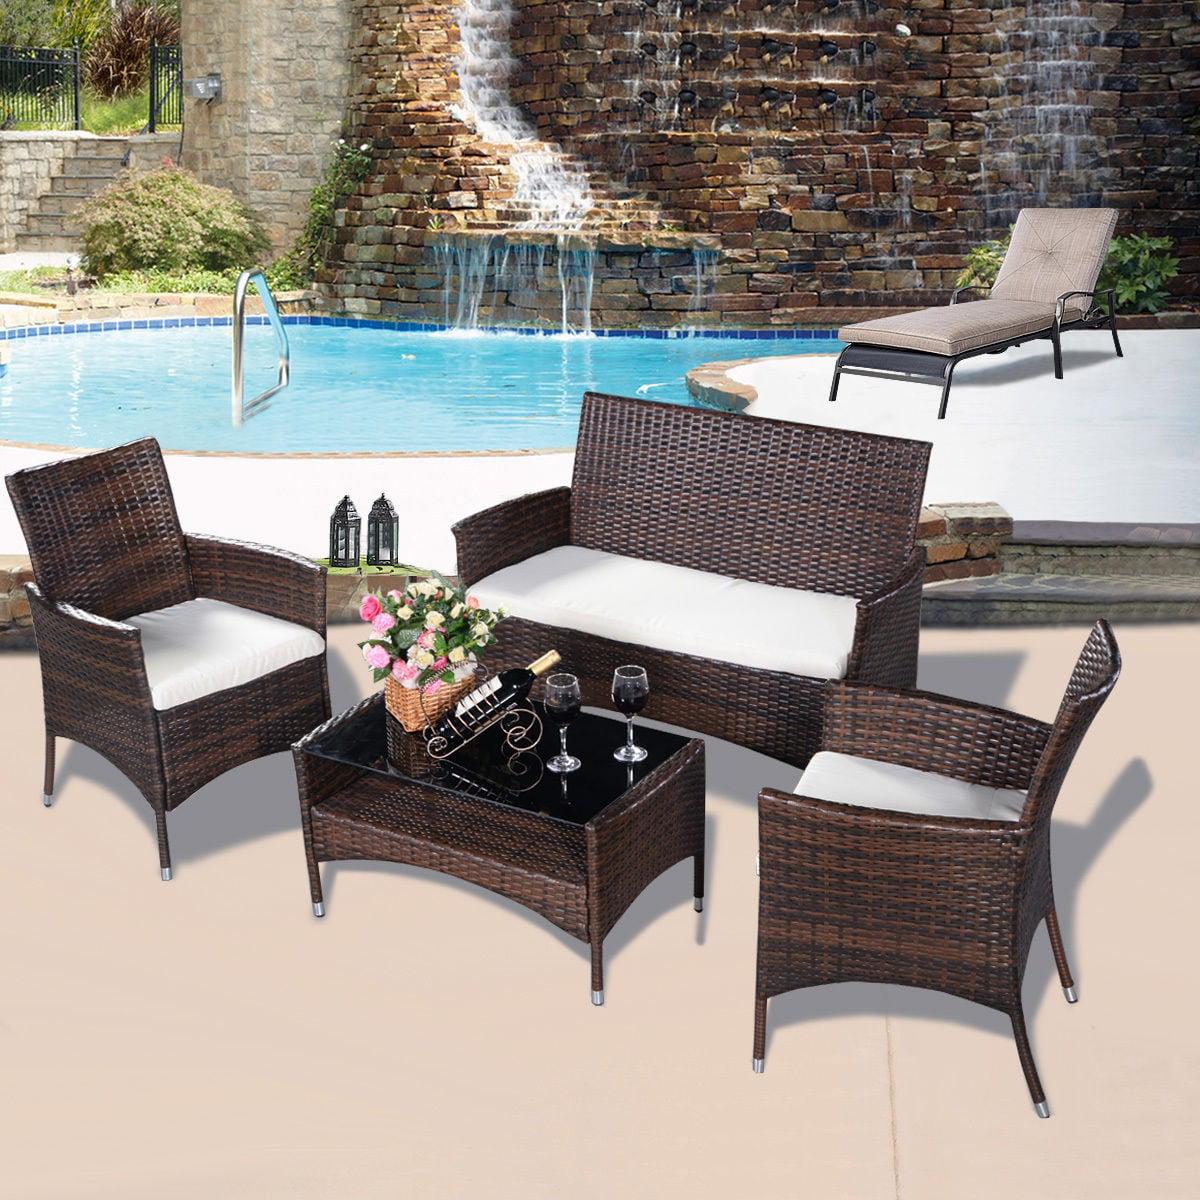 Indoor Outdoor Wicker Furniture Sets   Outdoor Goods